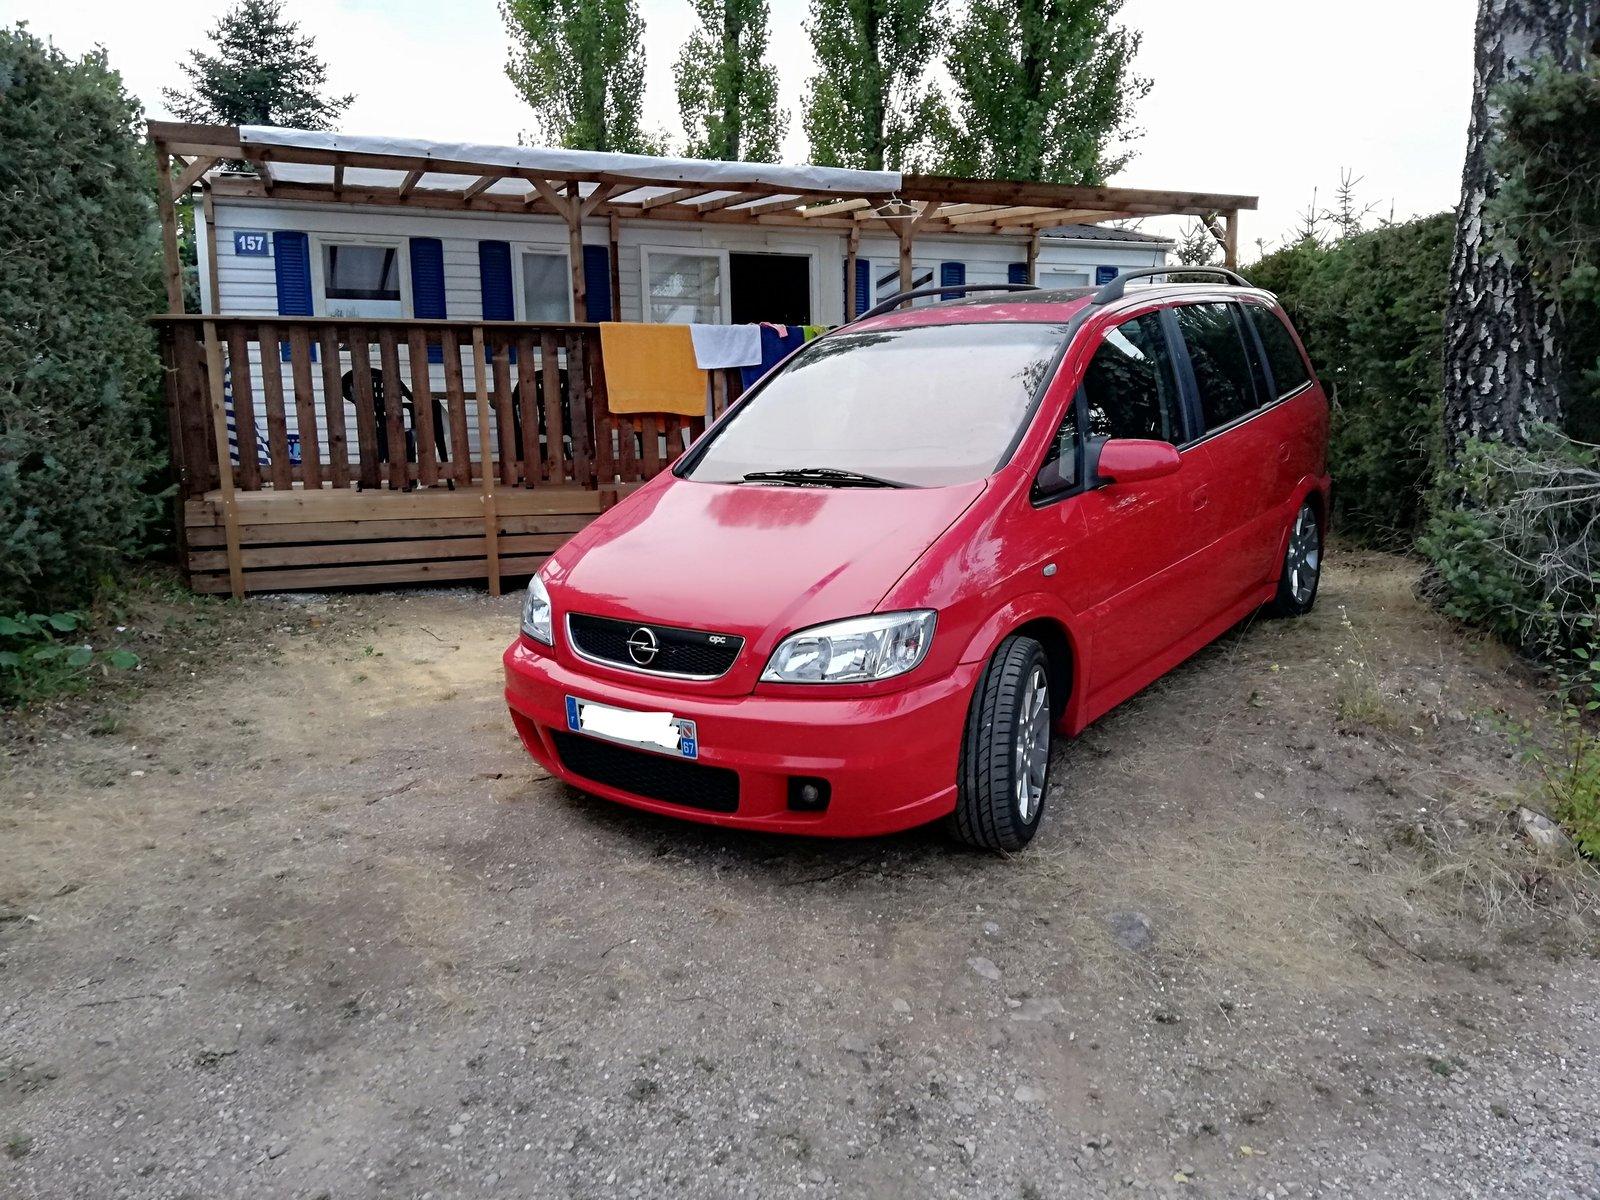 Zafira A OPC rouge 2003 {Opel67} - Page 3 20081412192080827